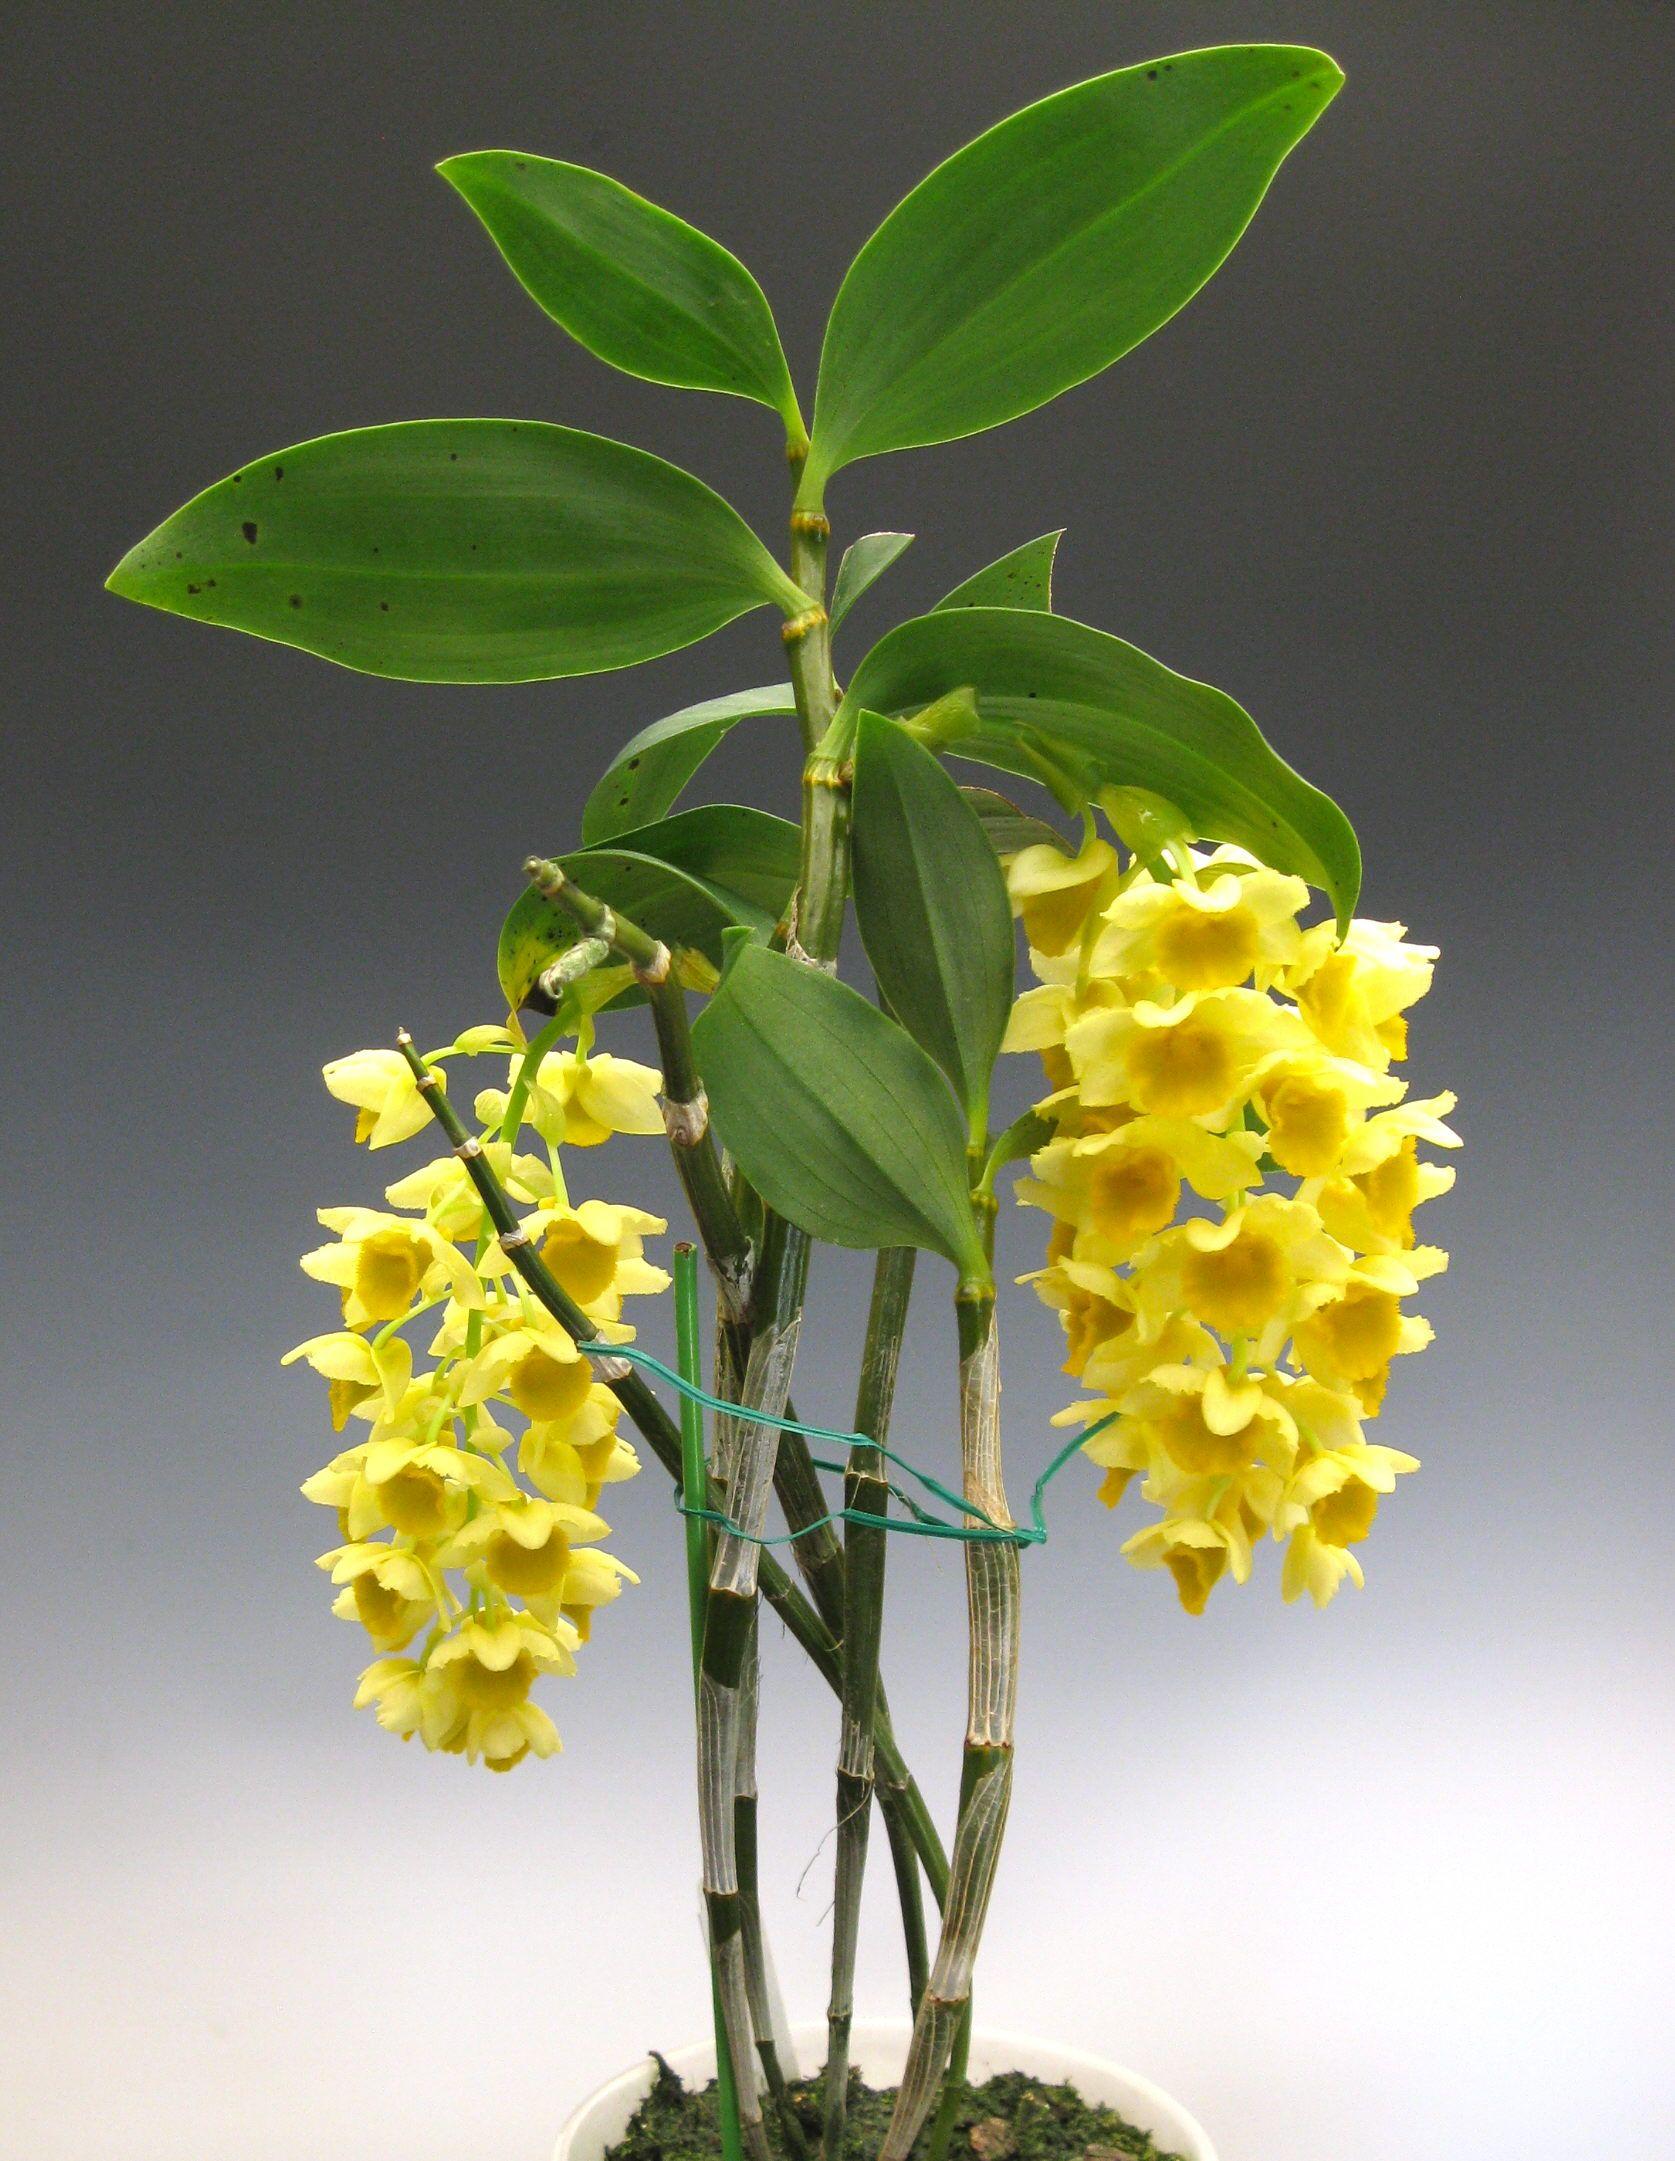 Flores Da Orquidea Dendrobium Densiflorum A Grande Maioria Das Orquideas Sao Epifitas Ou Plantas De Ar Que Norma Orchid Flower Dendrobium Orchids Plants